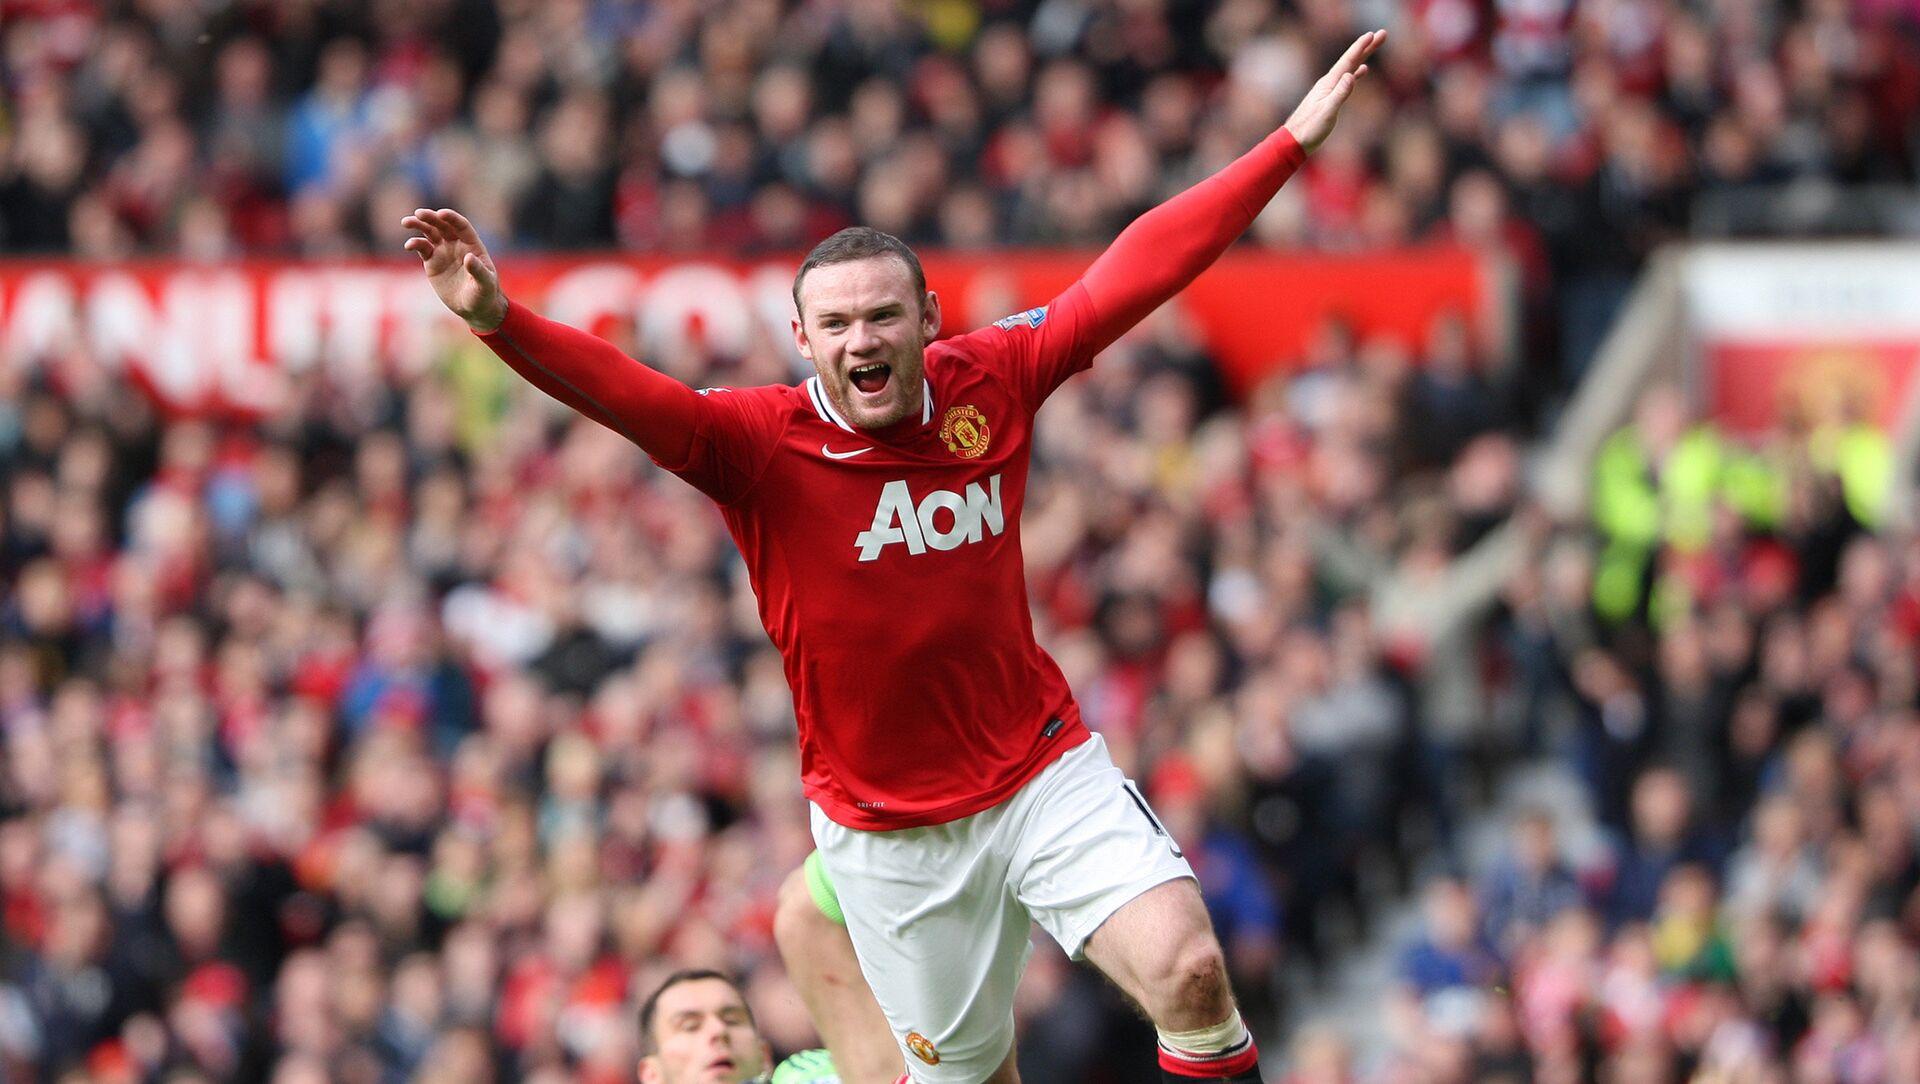 Manchester United's Wayne Rooney. (File) - Sputnik International, 1920, 26.07.2021